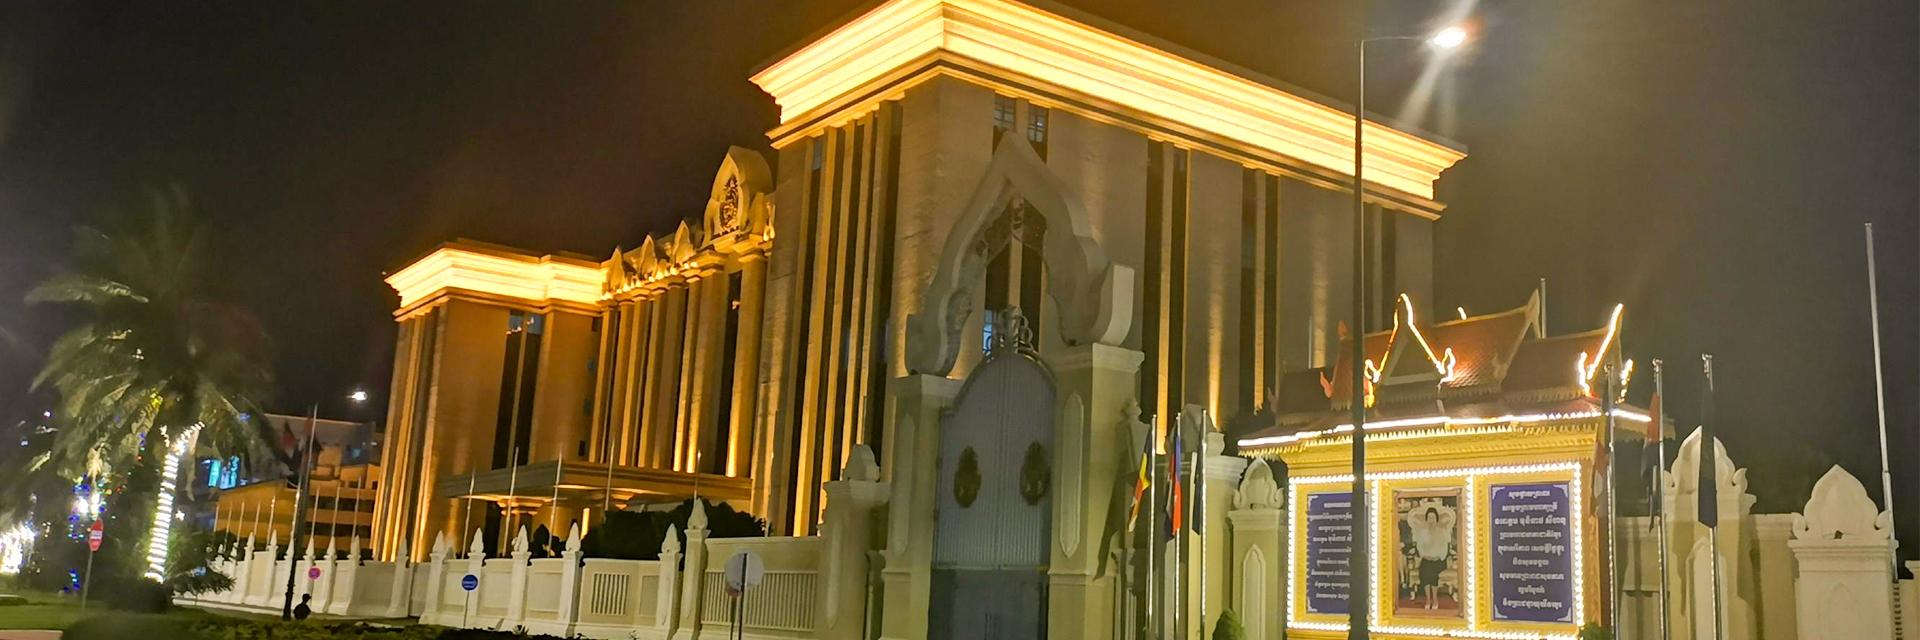 柬埔寨西港·海纳天广场